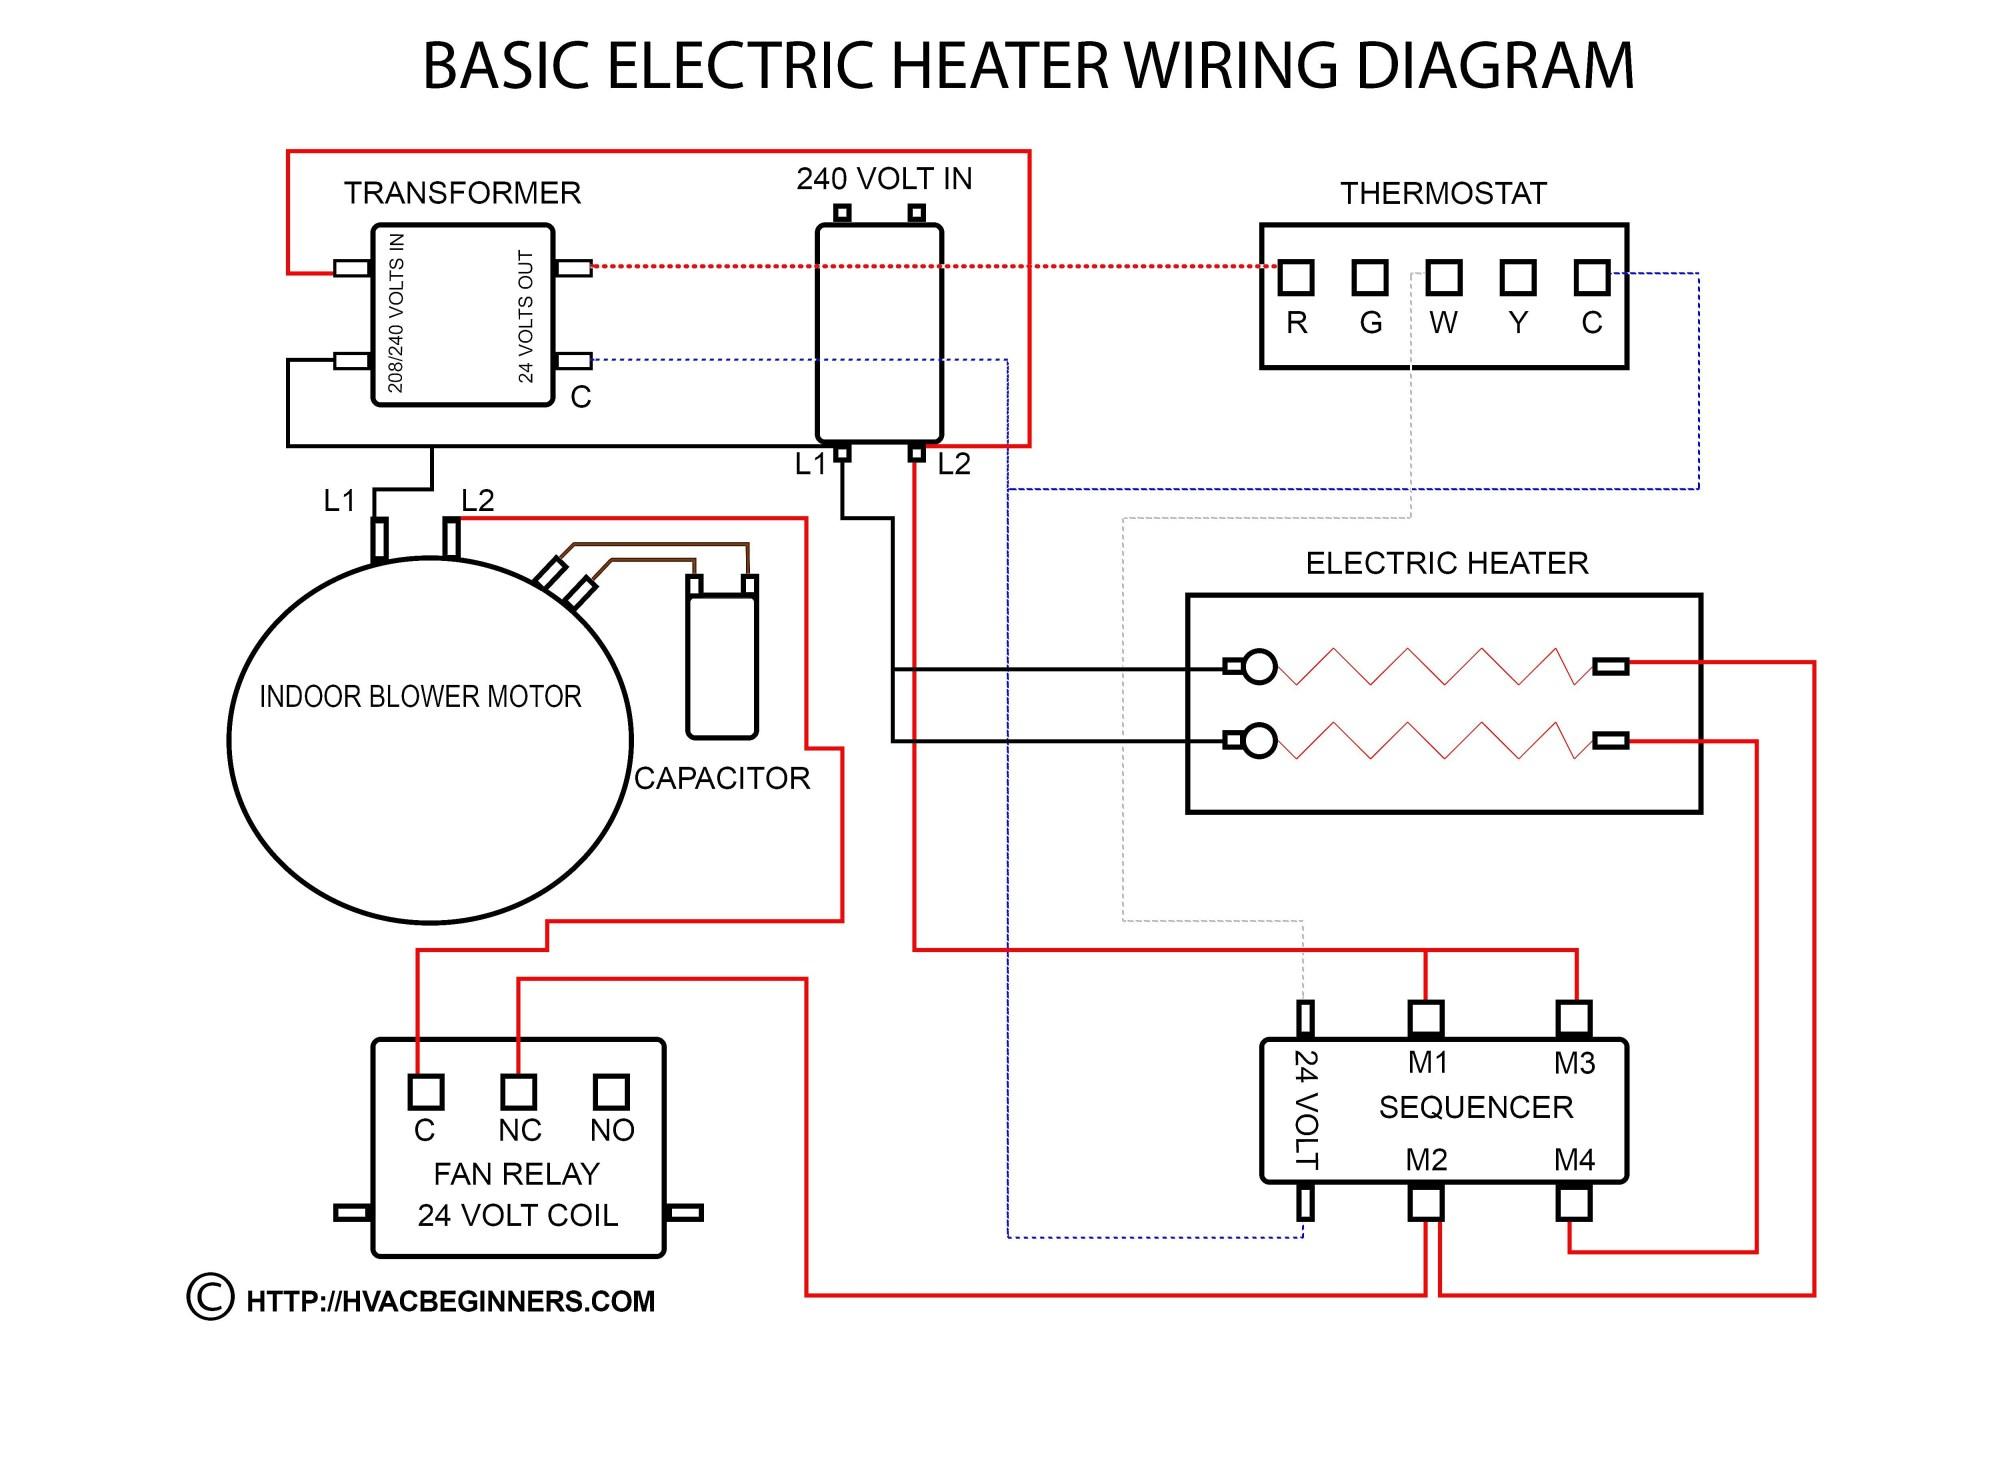 hight resolution of beckett burner wiring diagram wiring diagram save oil burner wire harness wiring diagram files beckett burner